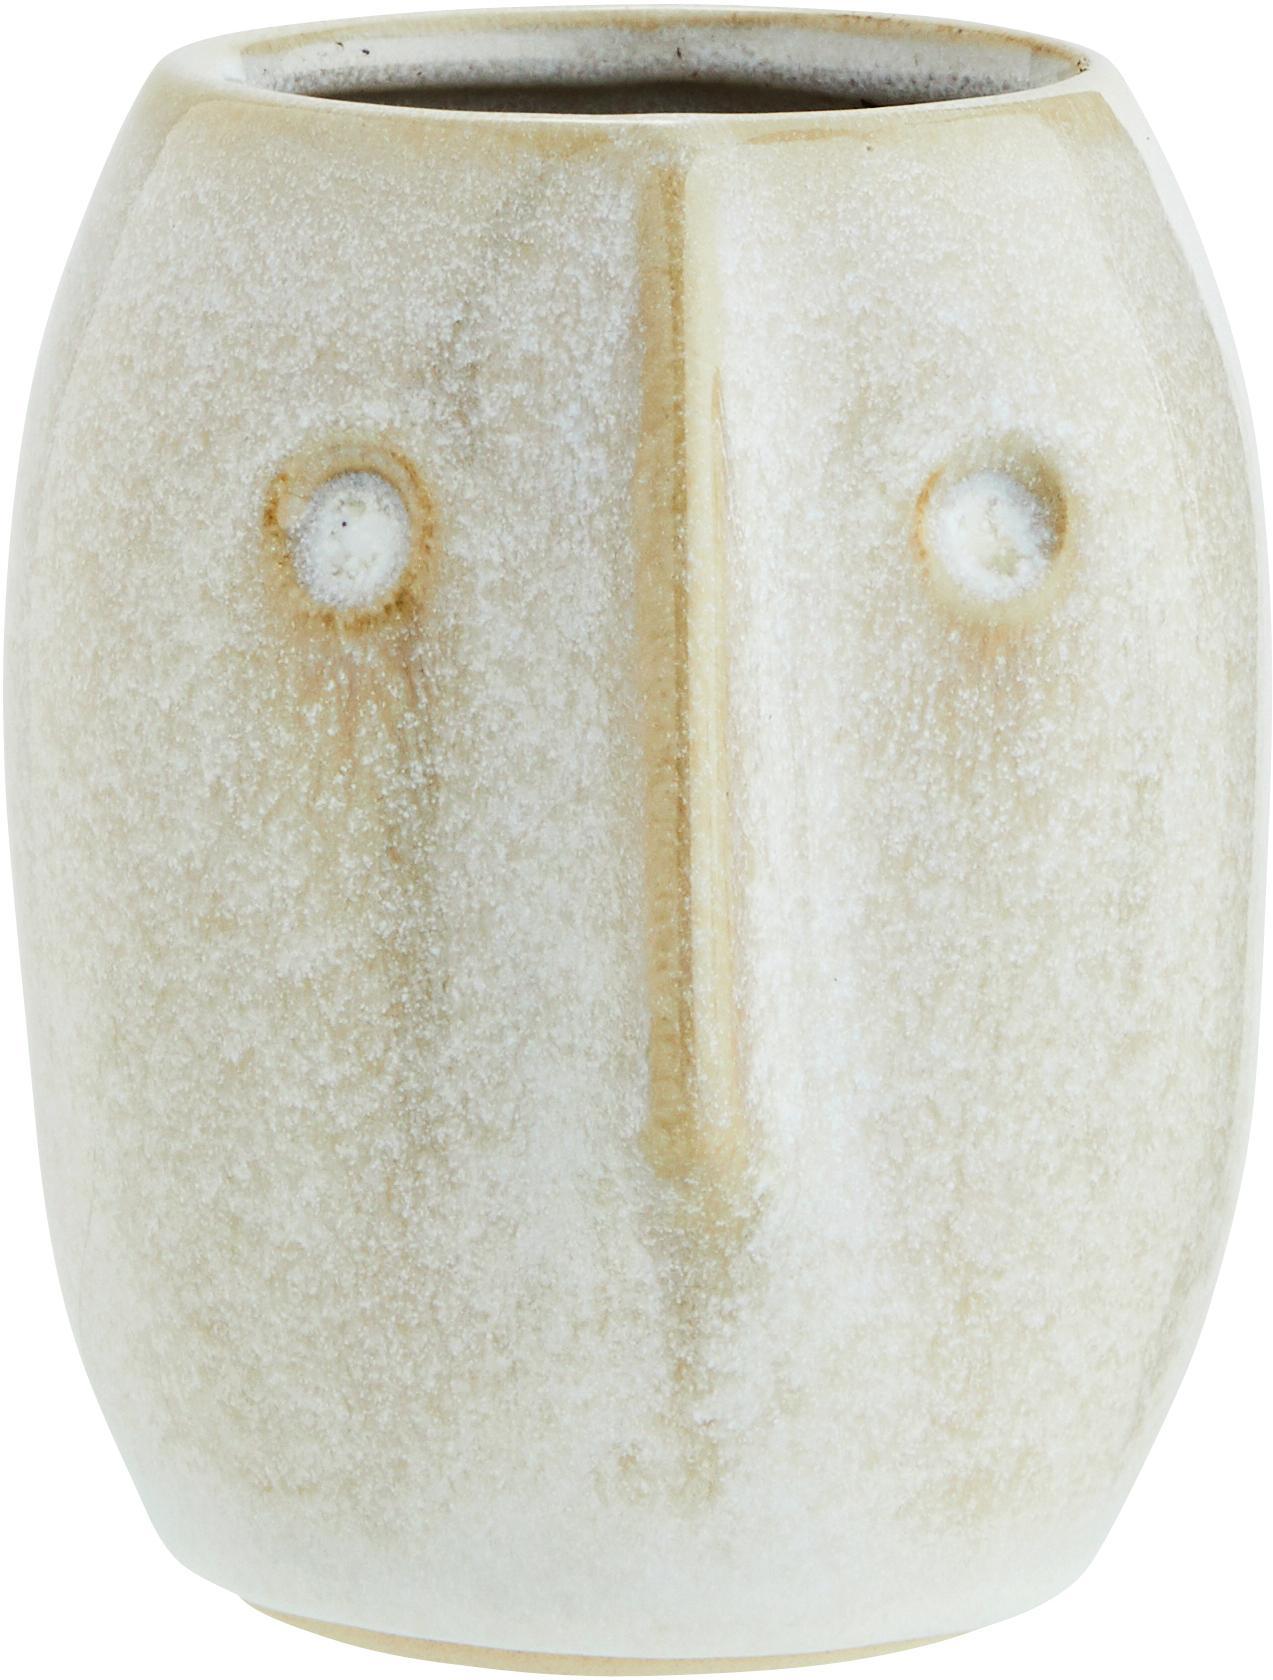 Osłonka na doniczkę Face, Kamionka, Biały, beżowy, Ø 8 x W 10 cm